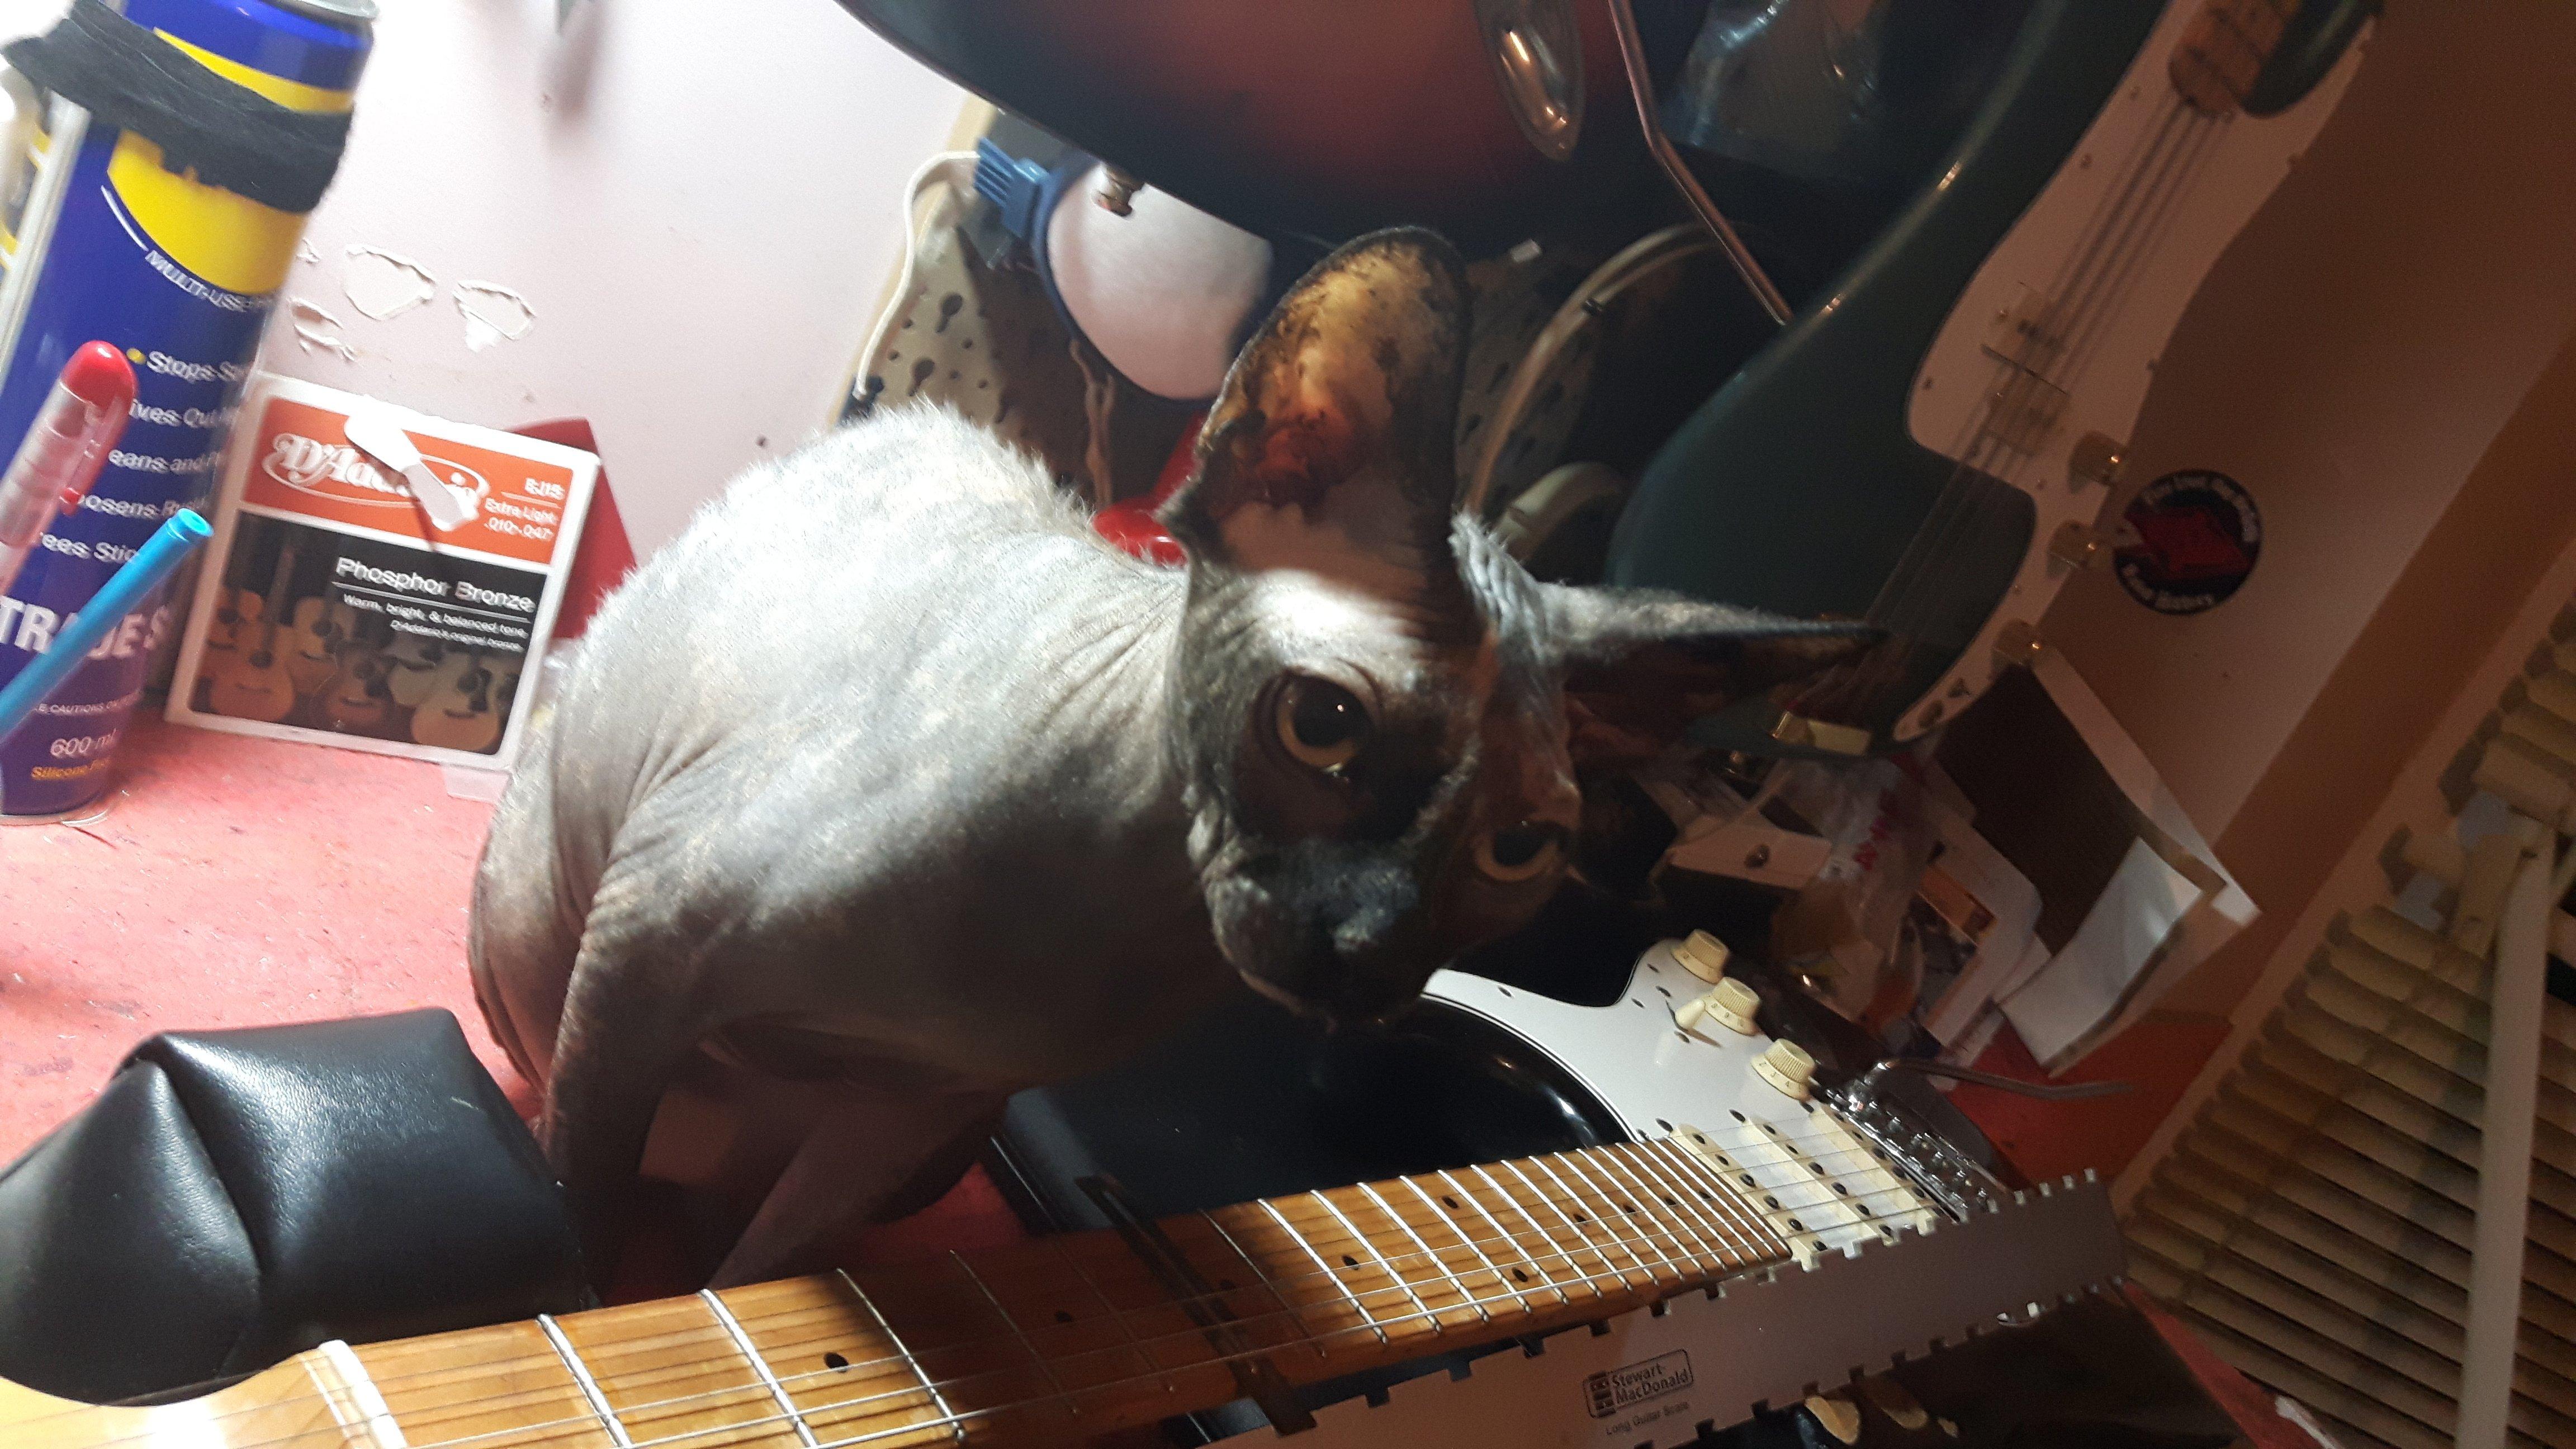 Quality guitar repairs